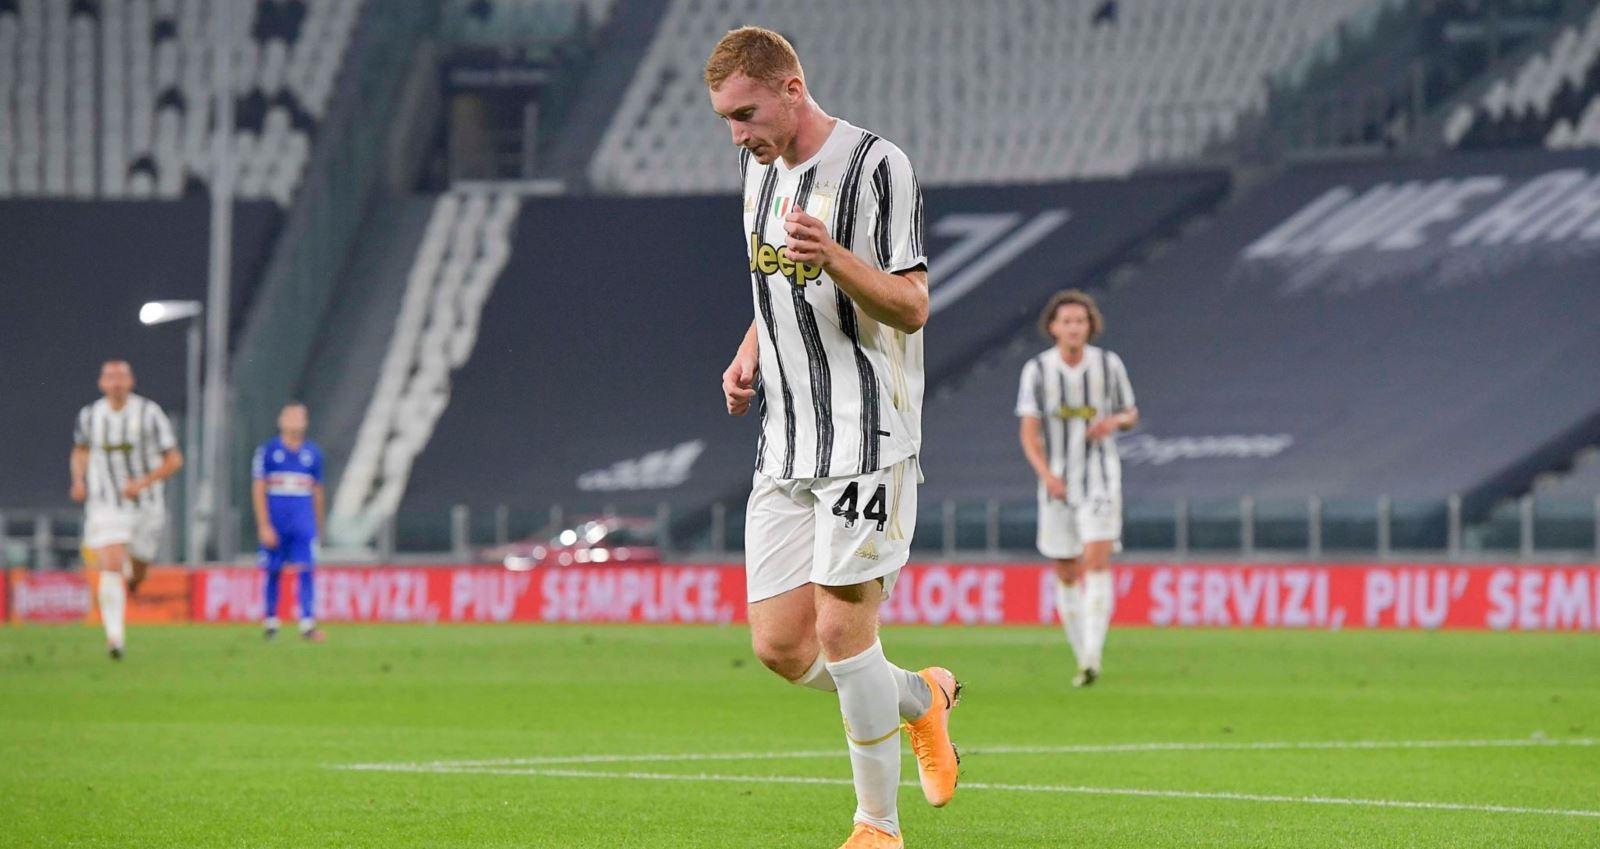 Ket qua bong da Y, Video clip Juventus vs Sampdoria, Bảng xếp hạng Serie A, kết quả juventus đấu với Sampdoria, Kết quả bóng đá Ý vòng 1, kết quả Serie A vòng 1